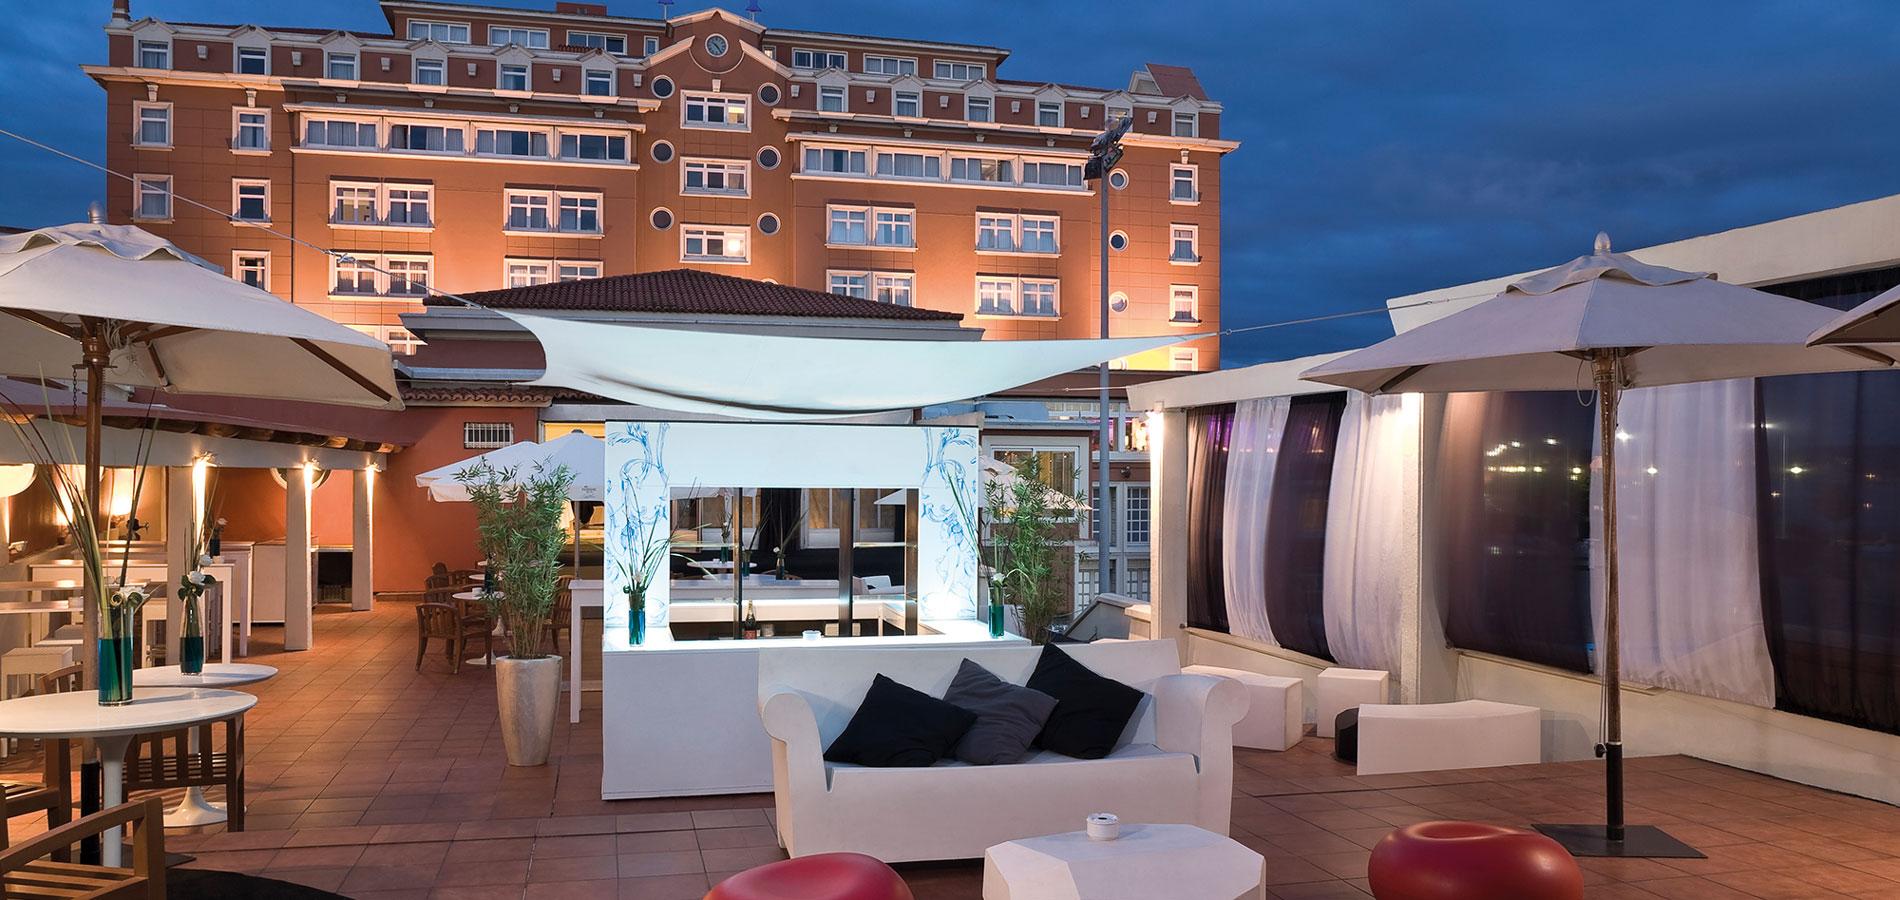 HotelHesperiaFinisterreHeader